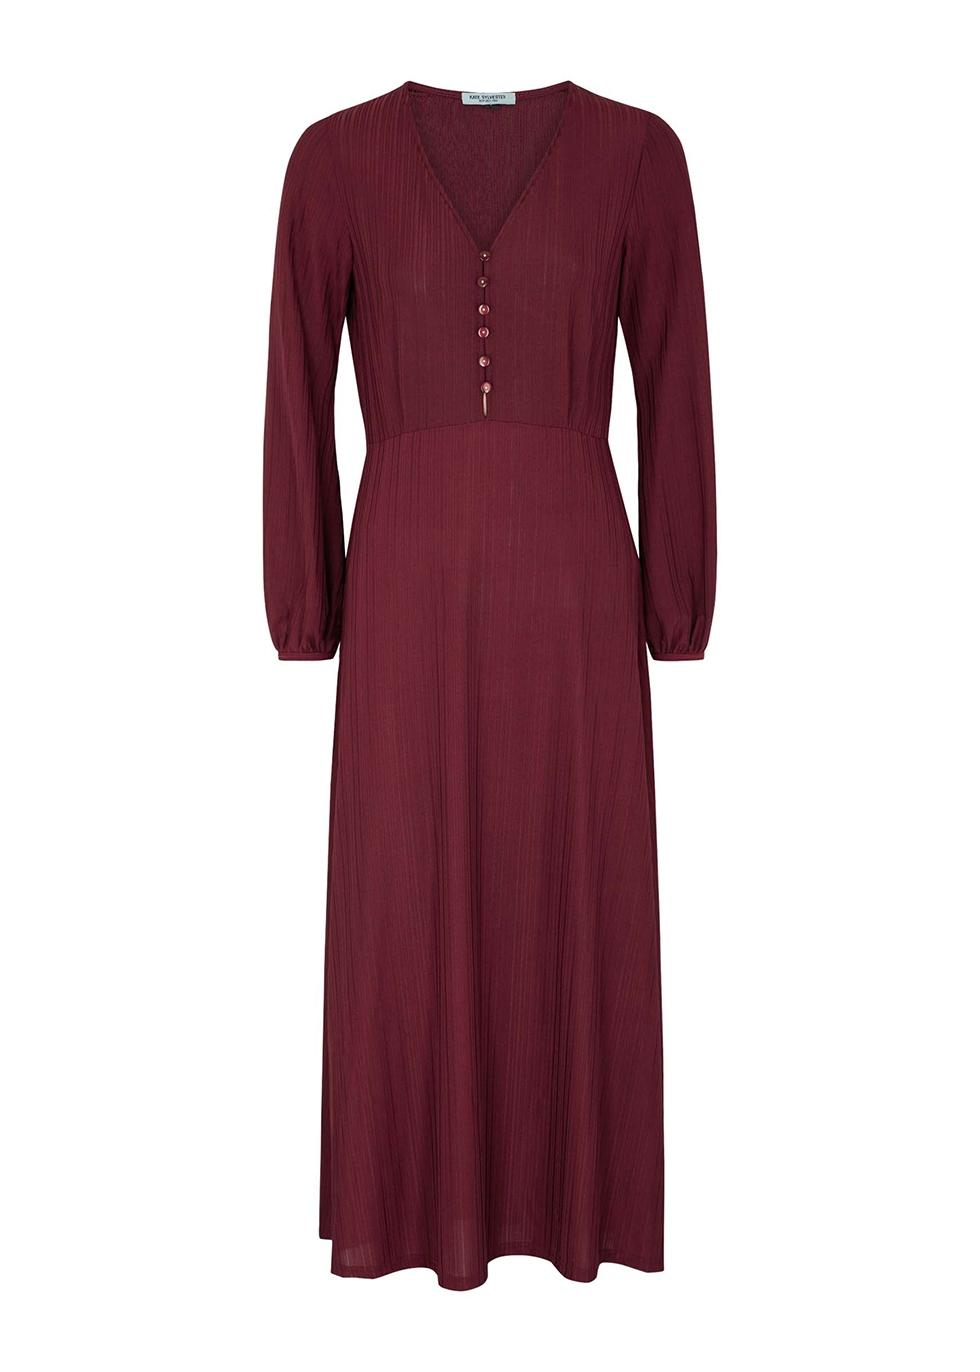 Baba burgundy stretch-jersey midi dress